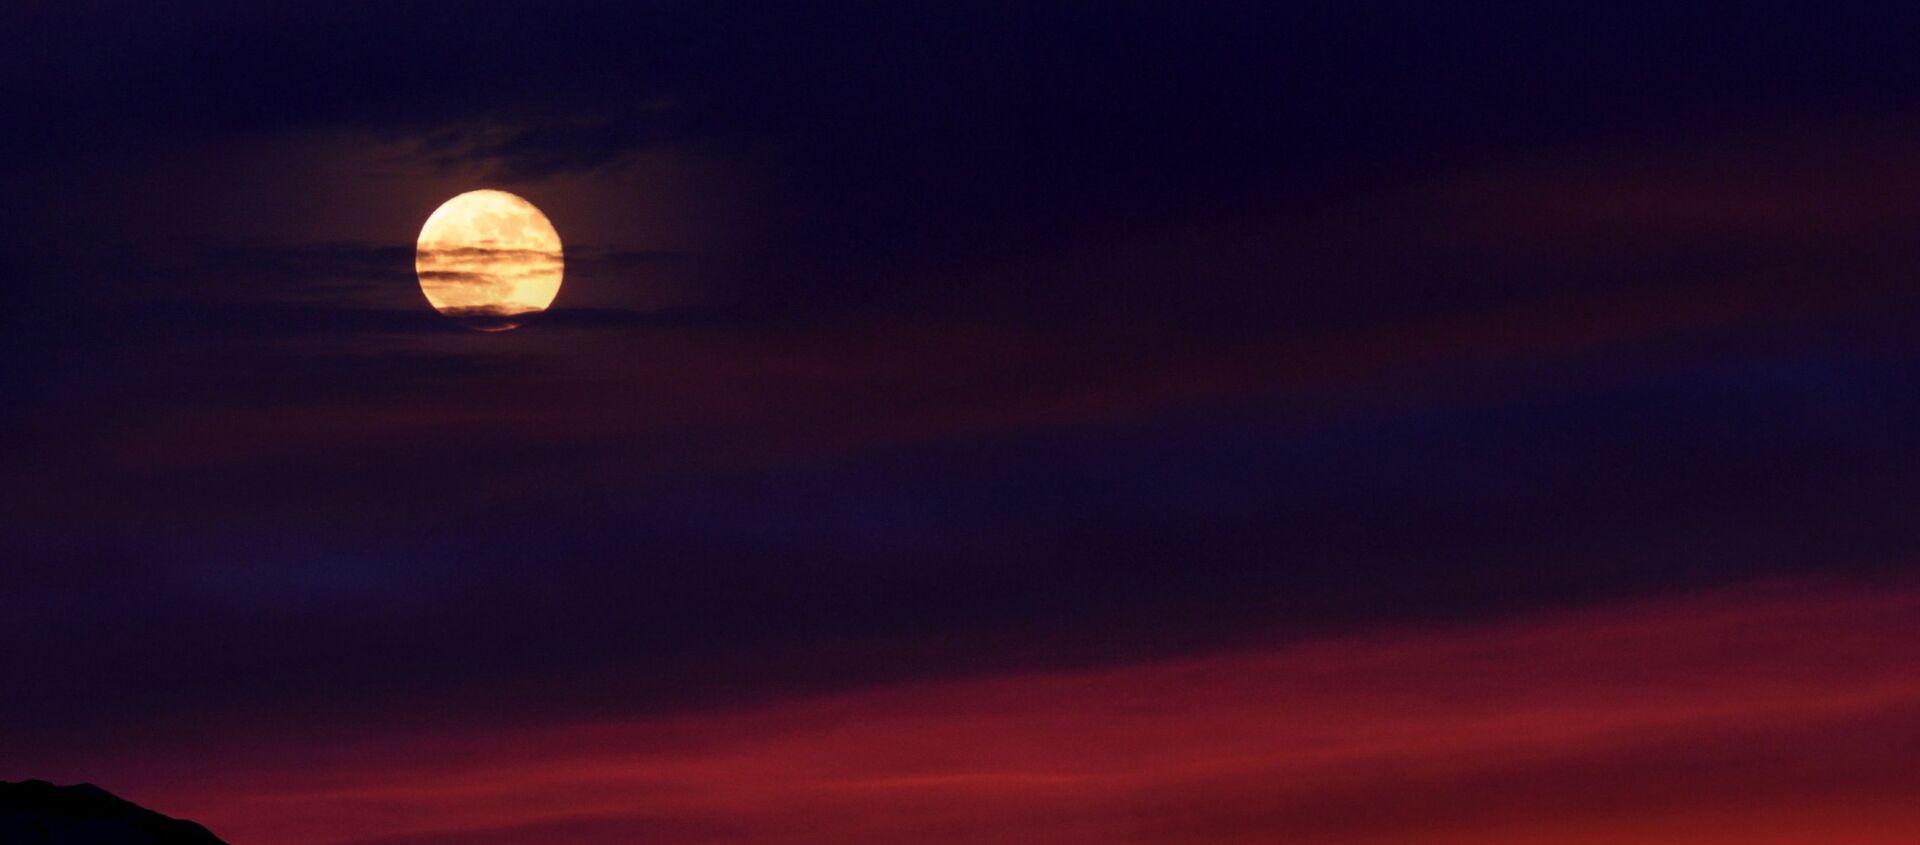 სავსე მთვარე - Sputnik საქართველო, 1920, 09.07.2020